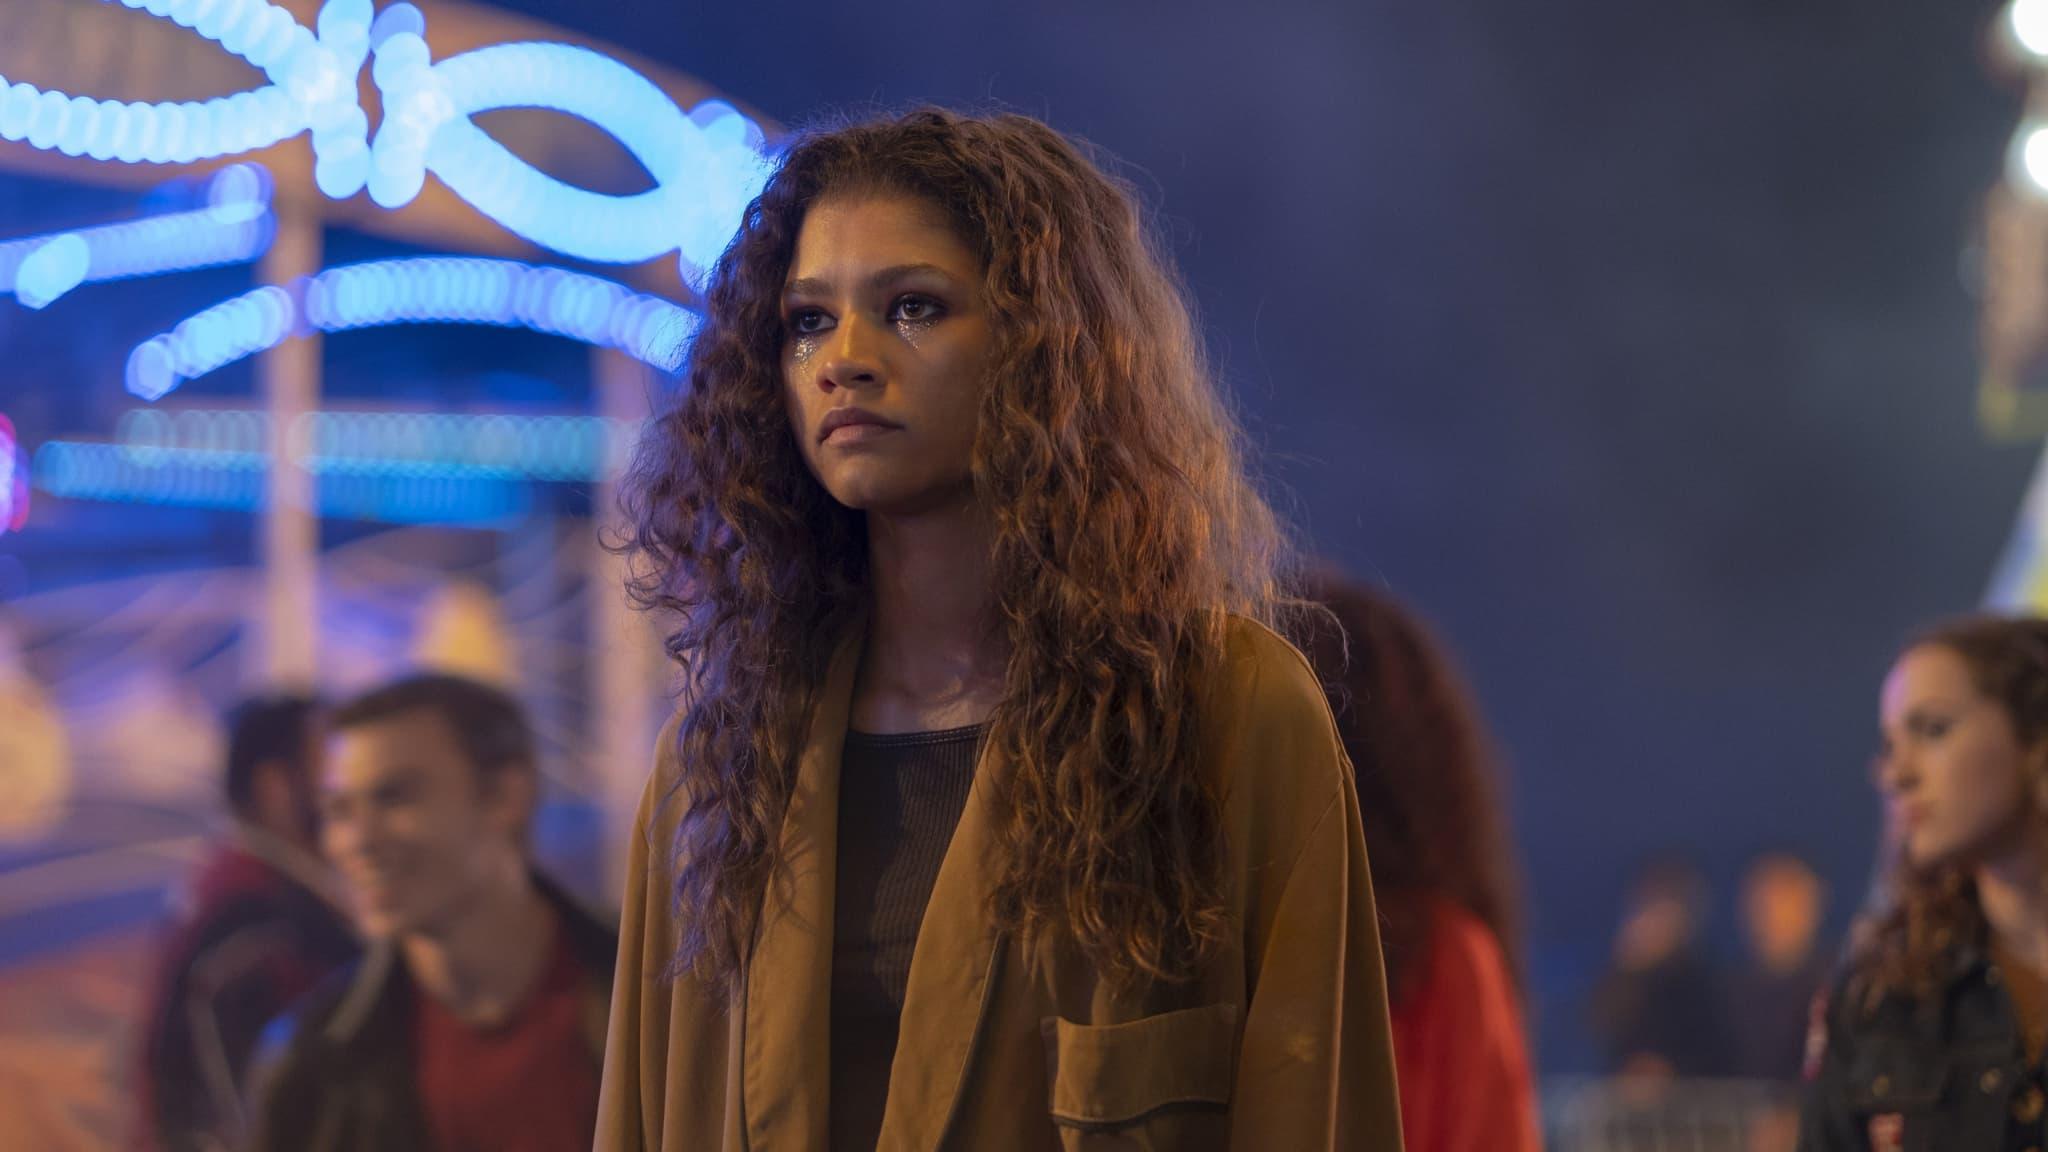 """Euphoria"""": la saison 2 de la série avec Zendaya sortira cette année"""